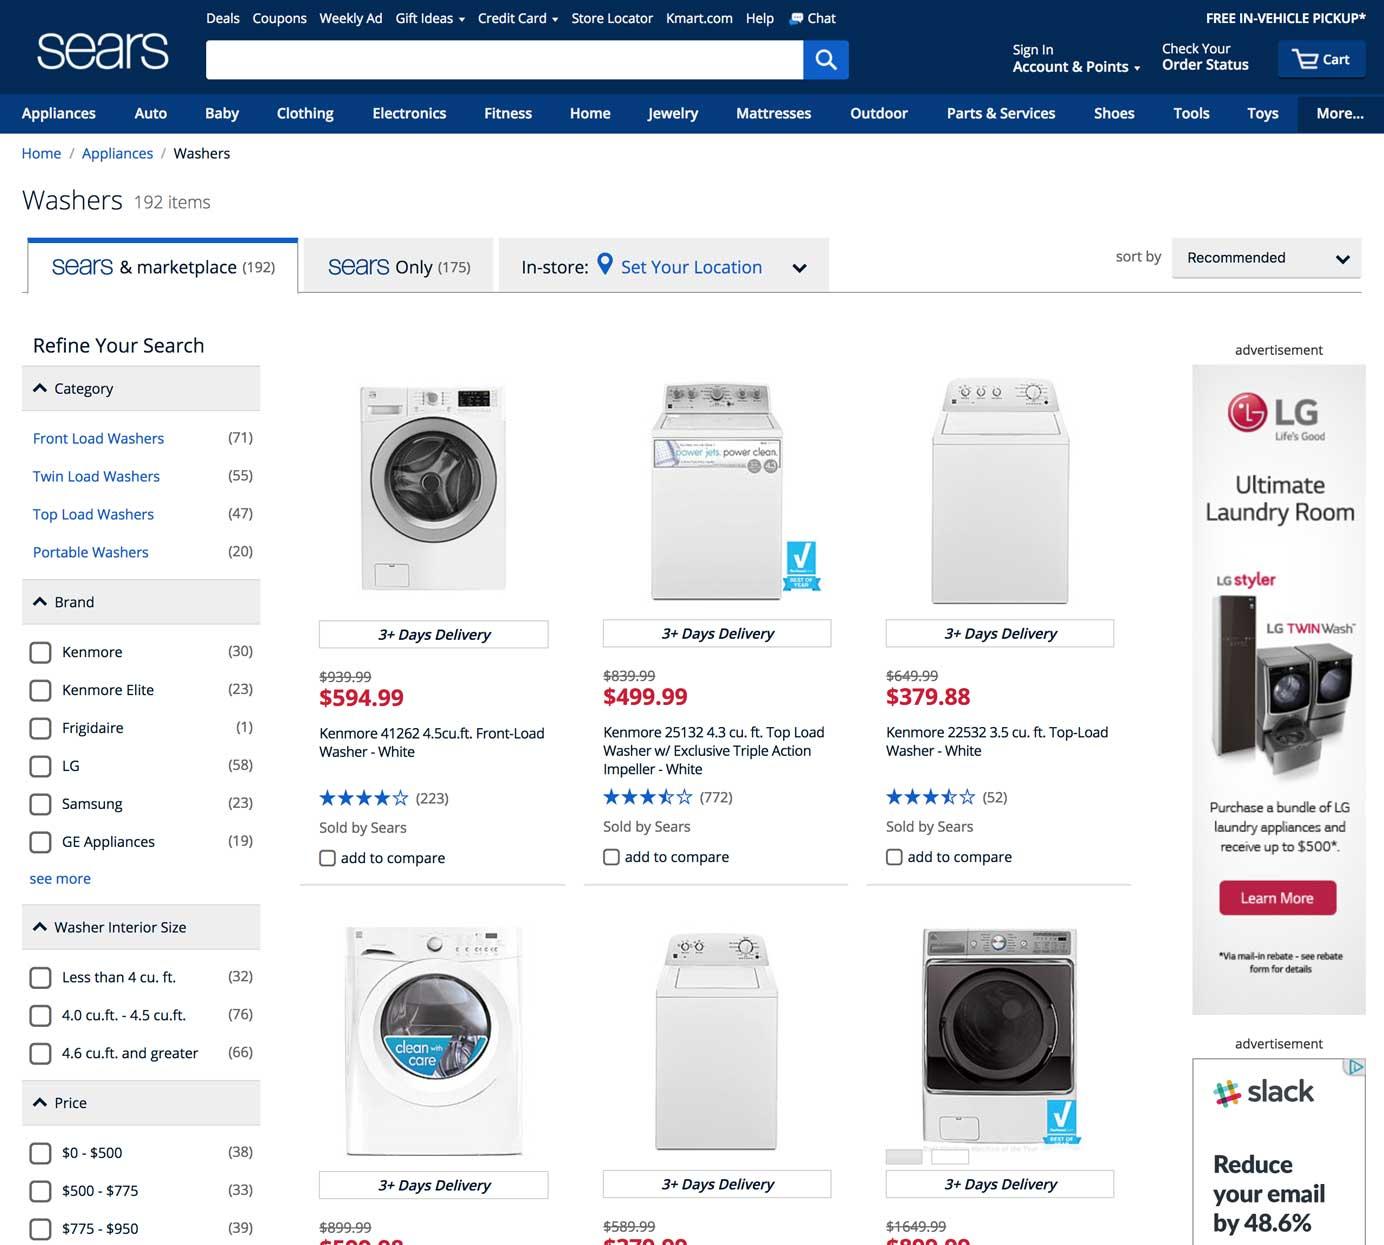 Sears产品列表页面的屏幕截图